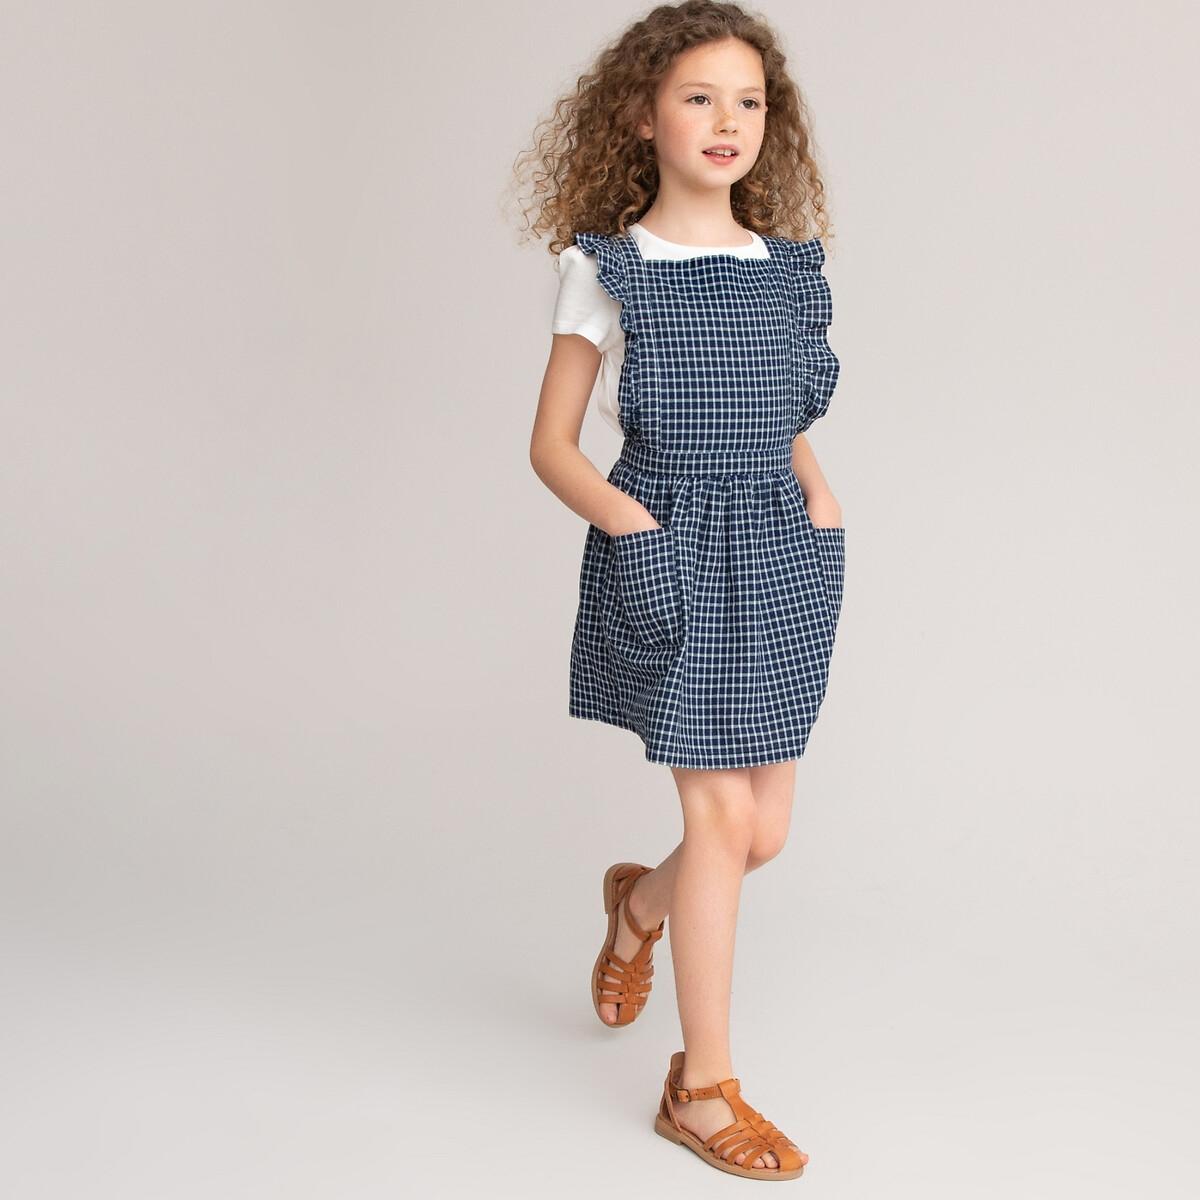 Платье LaRedoute В клетку с воланами 3-12 лет 6 лет - 114 см другие